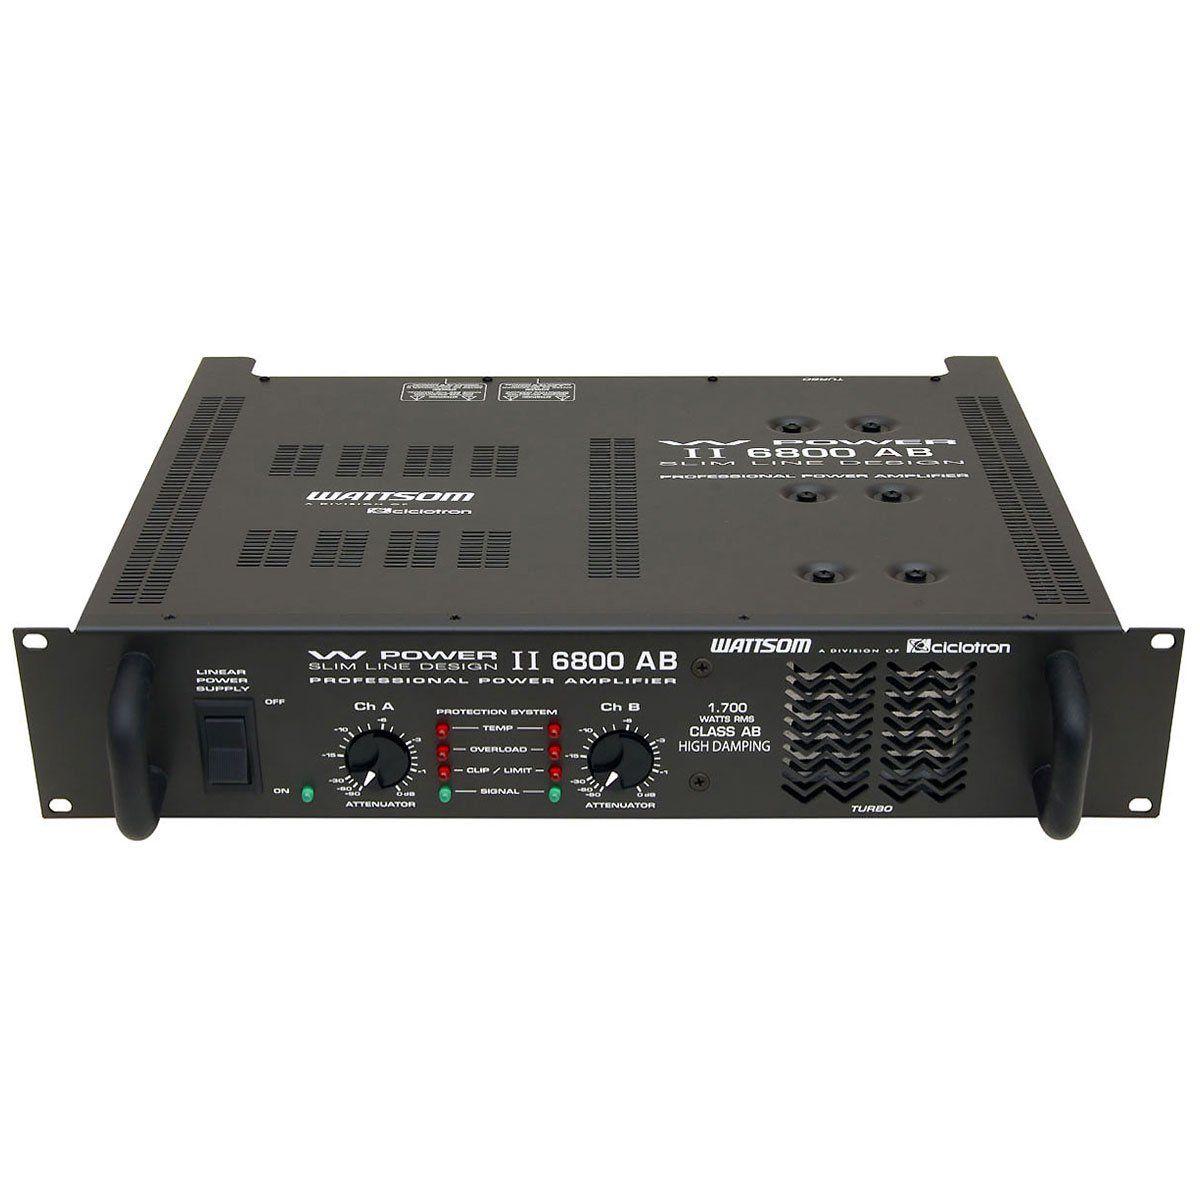 AMPLIFICADOR DE POTÊNCIA 1700W RMS WP2-6800AB CICLOTRON